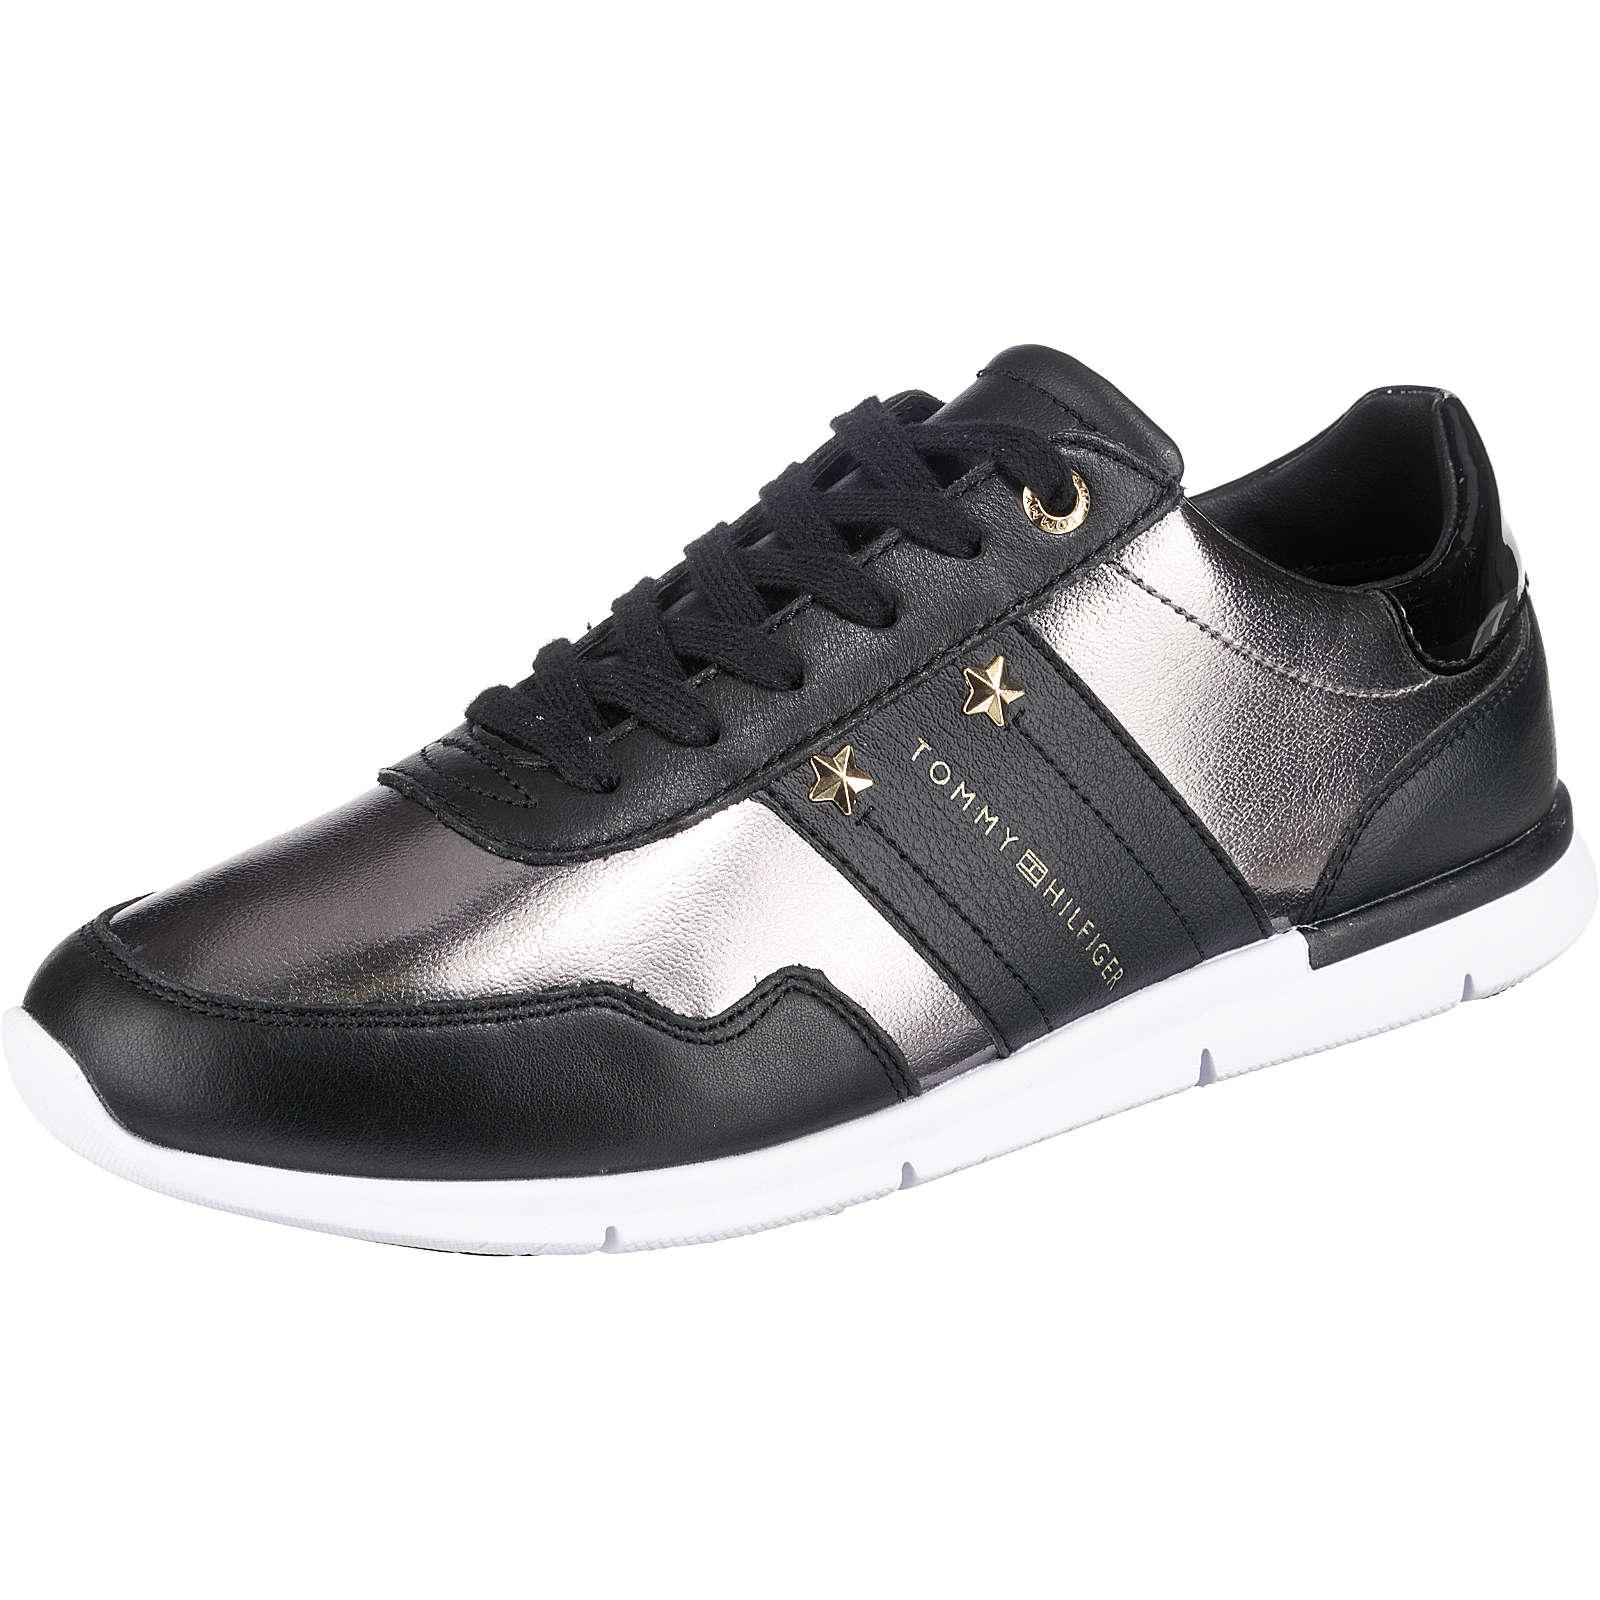 TOMMY HILFIGER Sneakers Low schwarz Damen Gr. 38